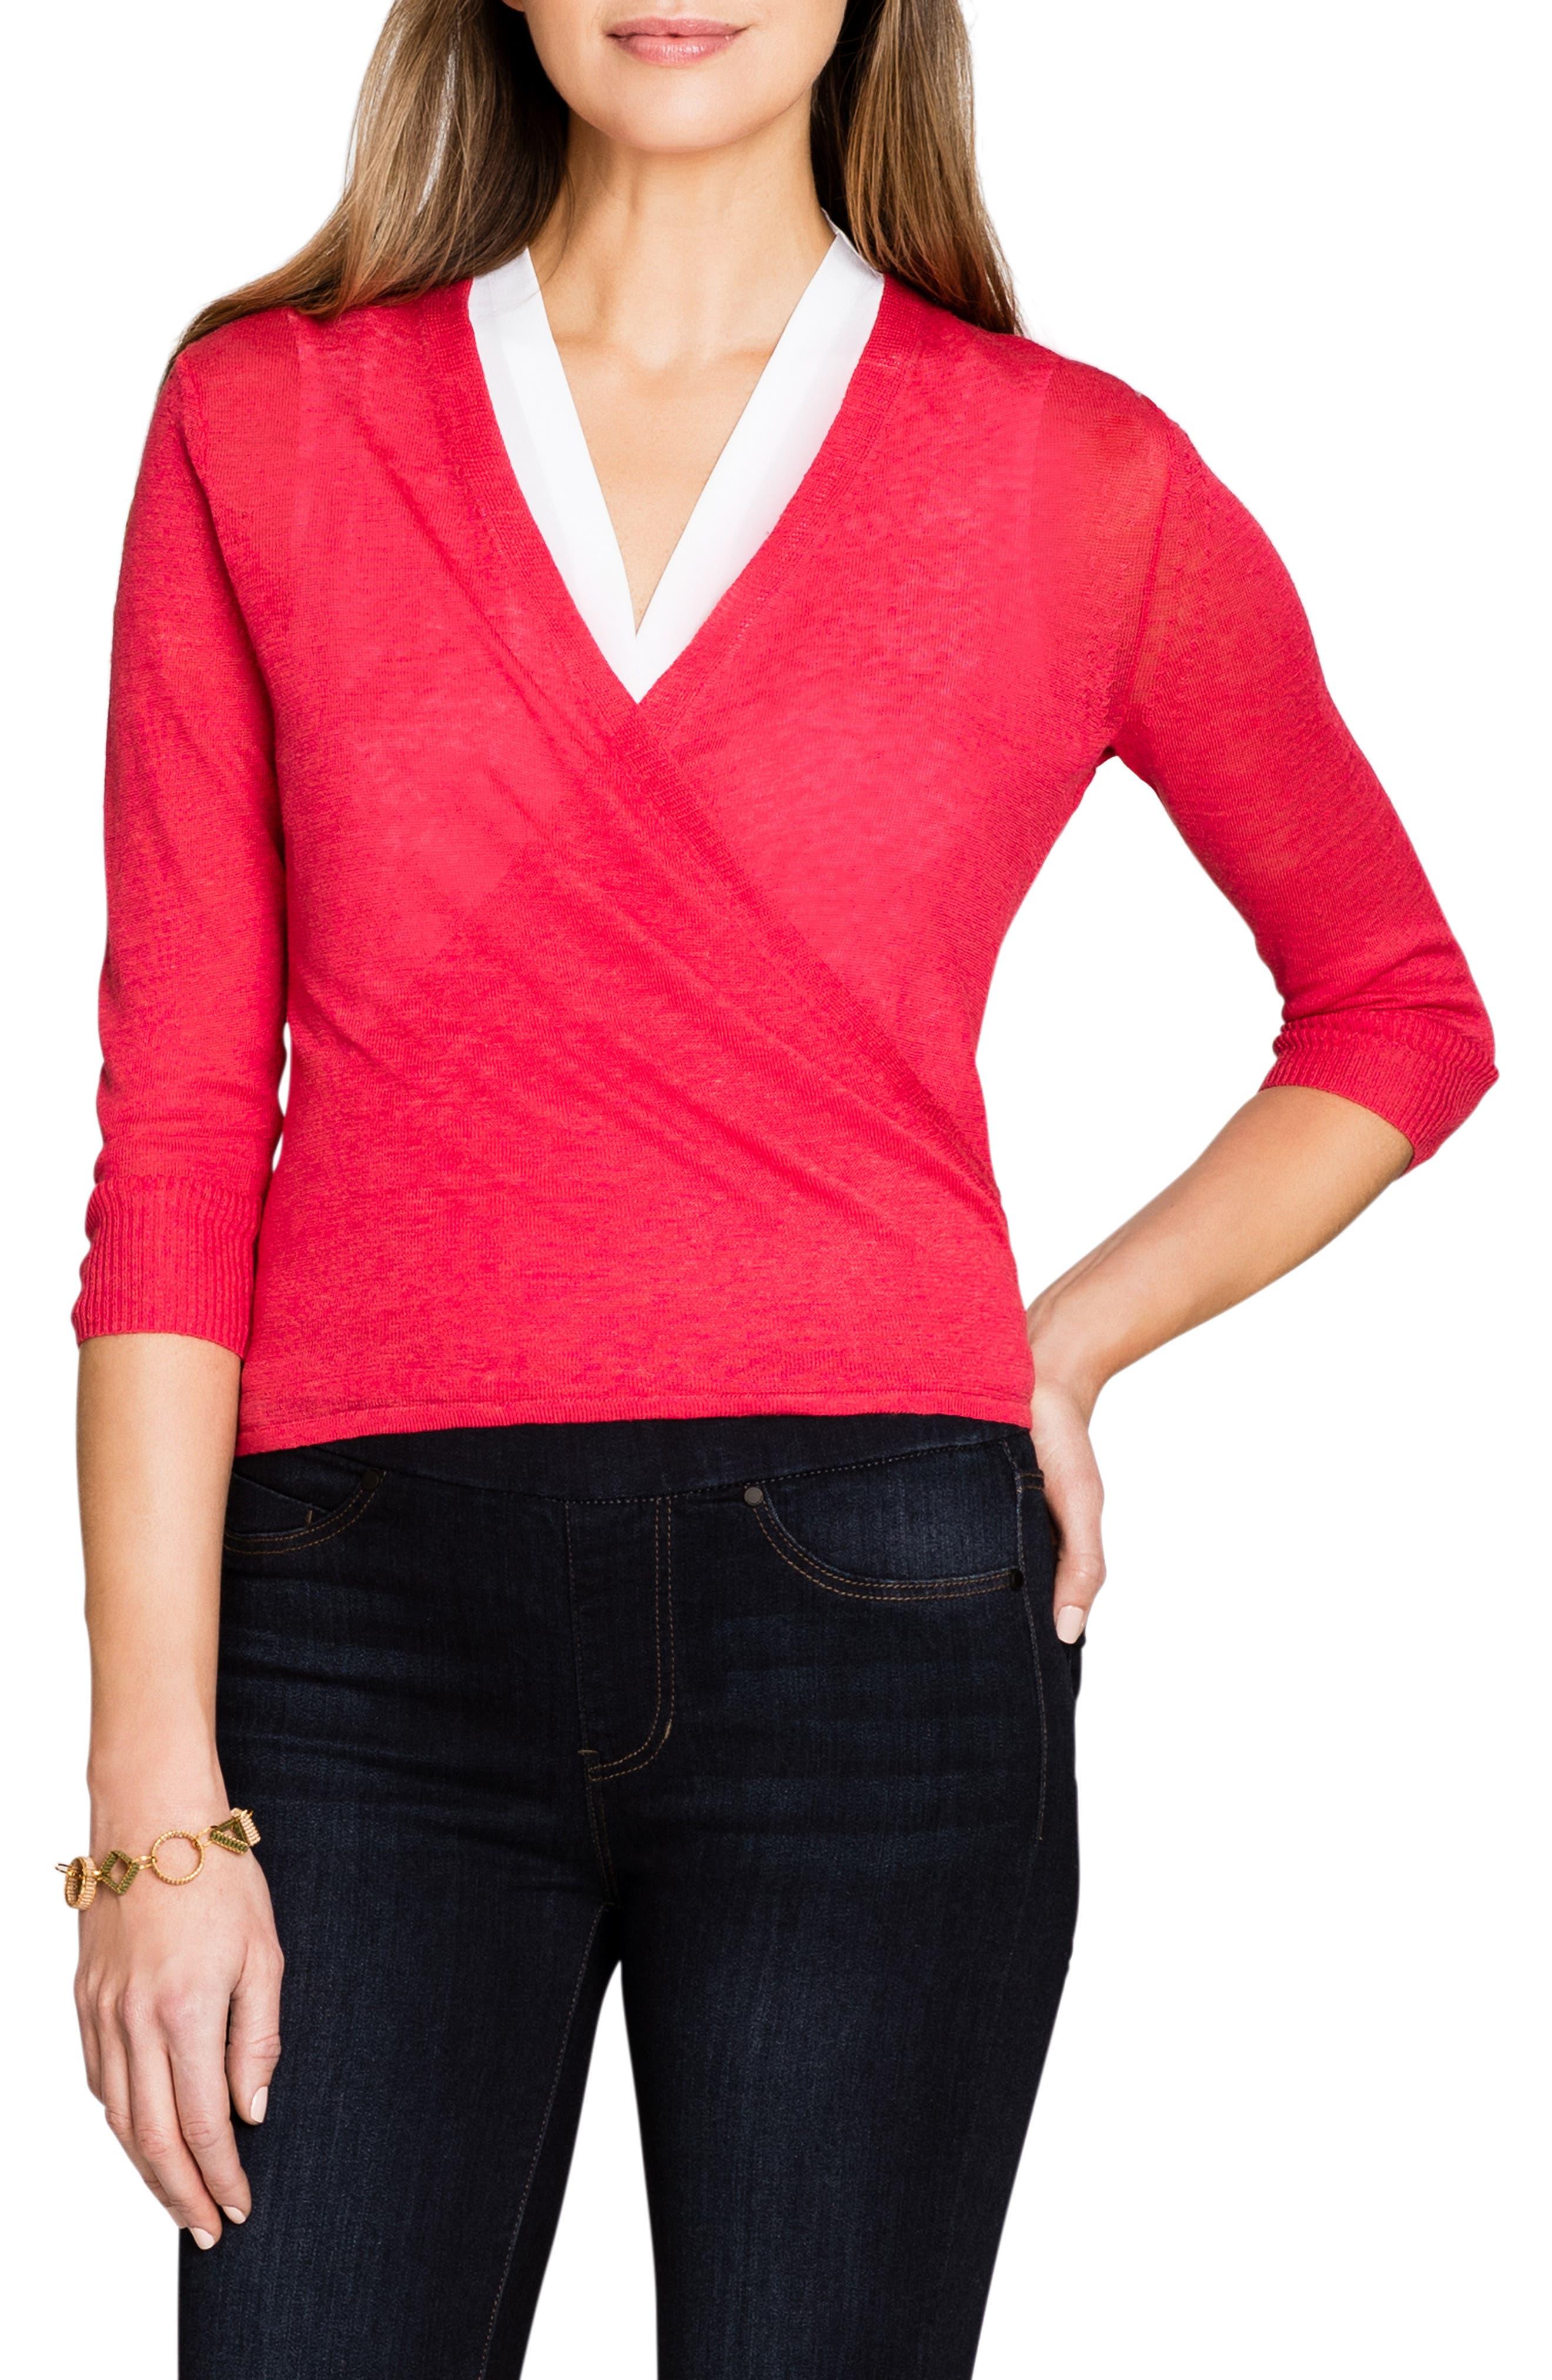 0e53facf7 Women s Sweaters